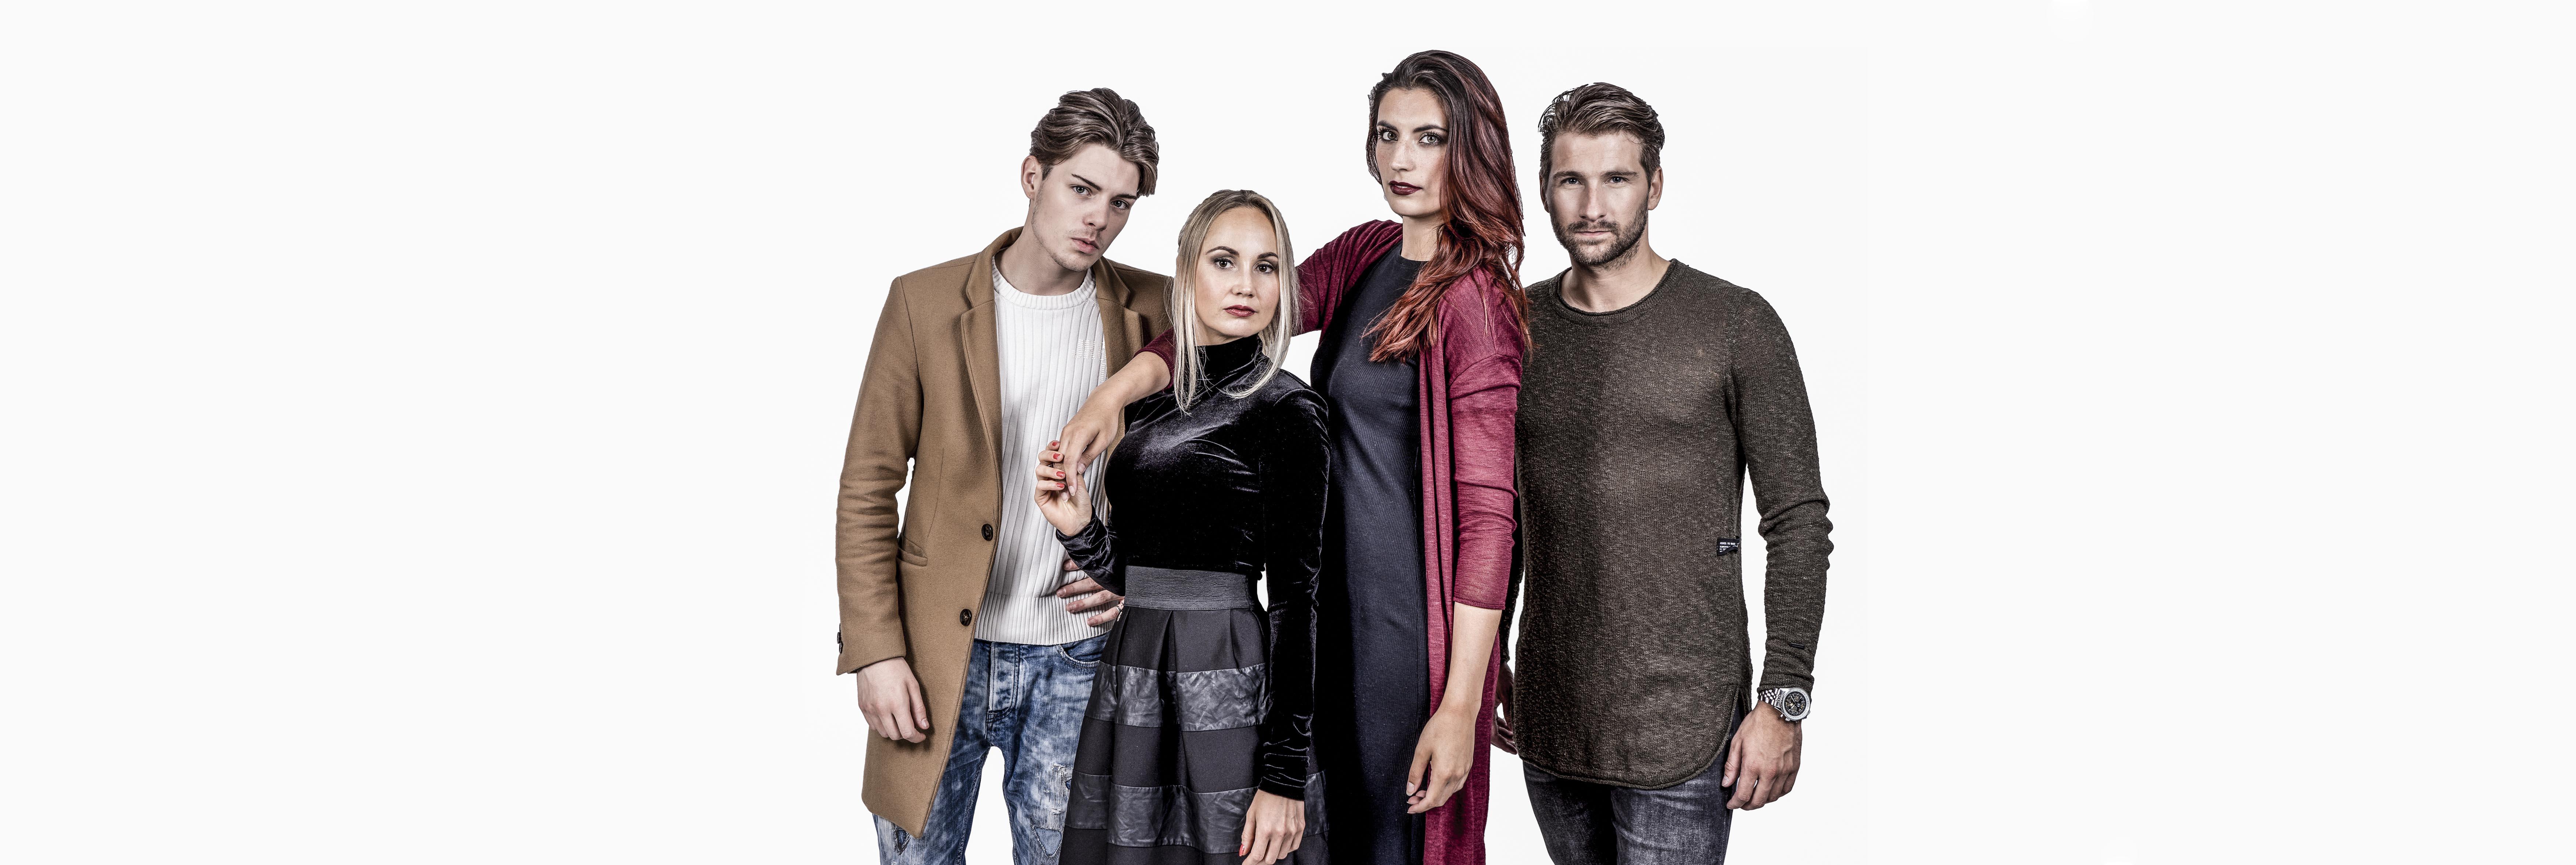 Retail management Fashion & Lifestyle op alle niveau's, Limburg, Nederland-België